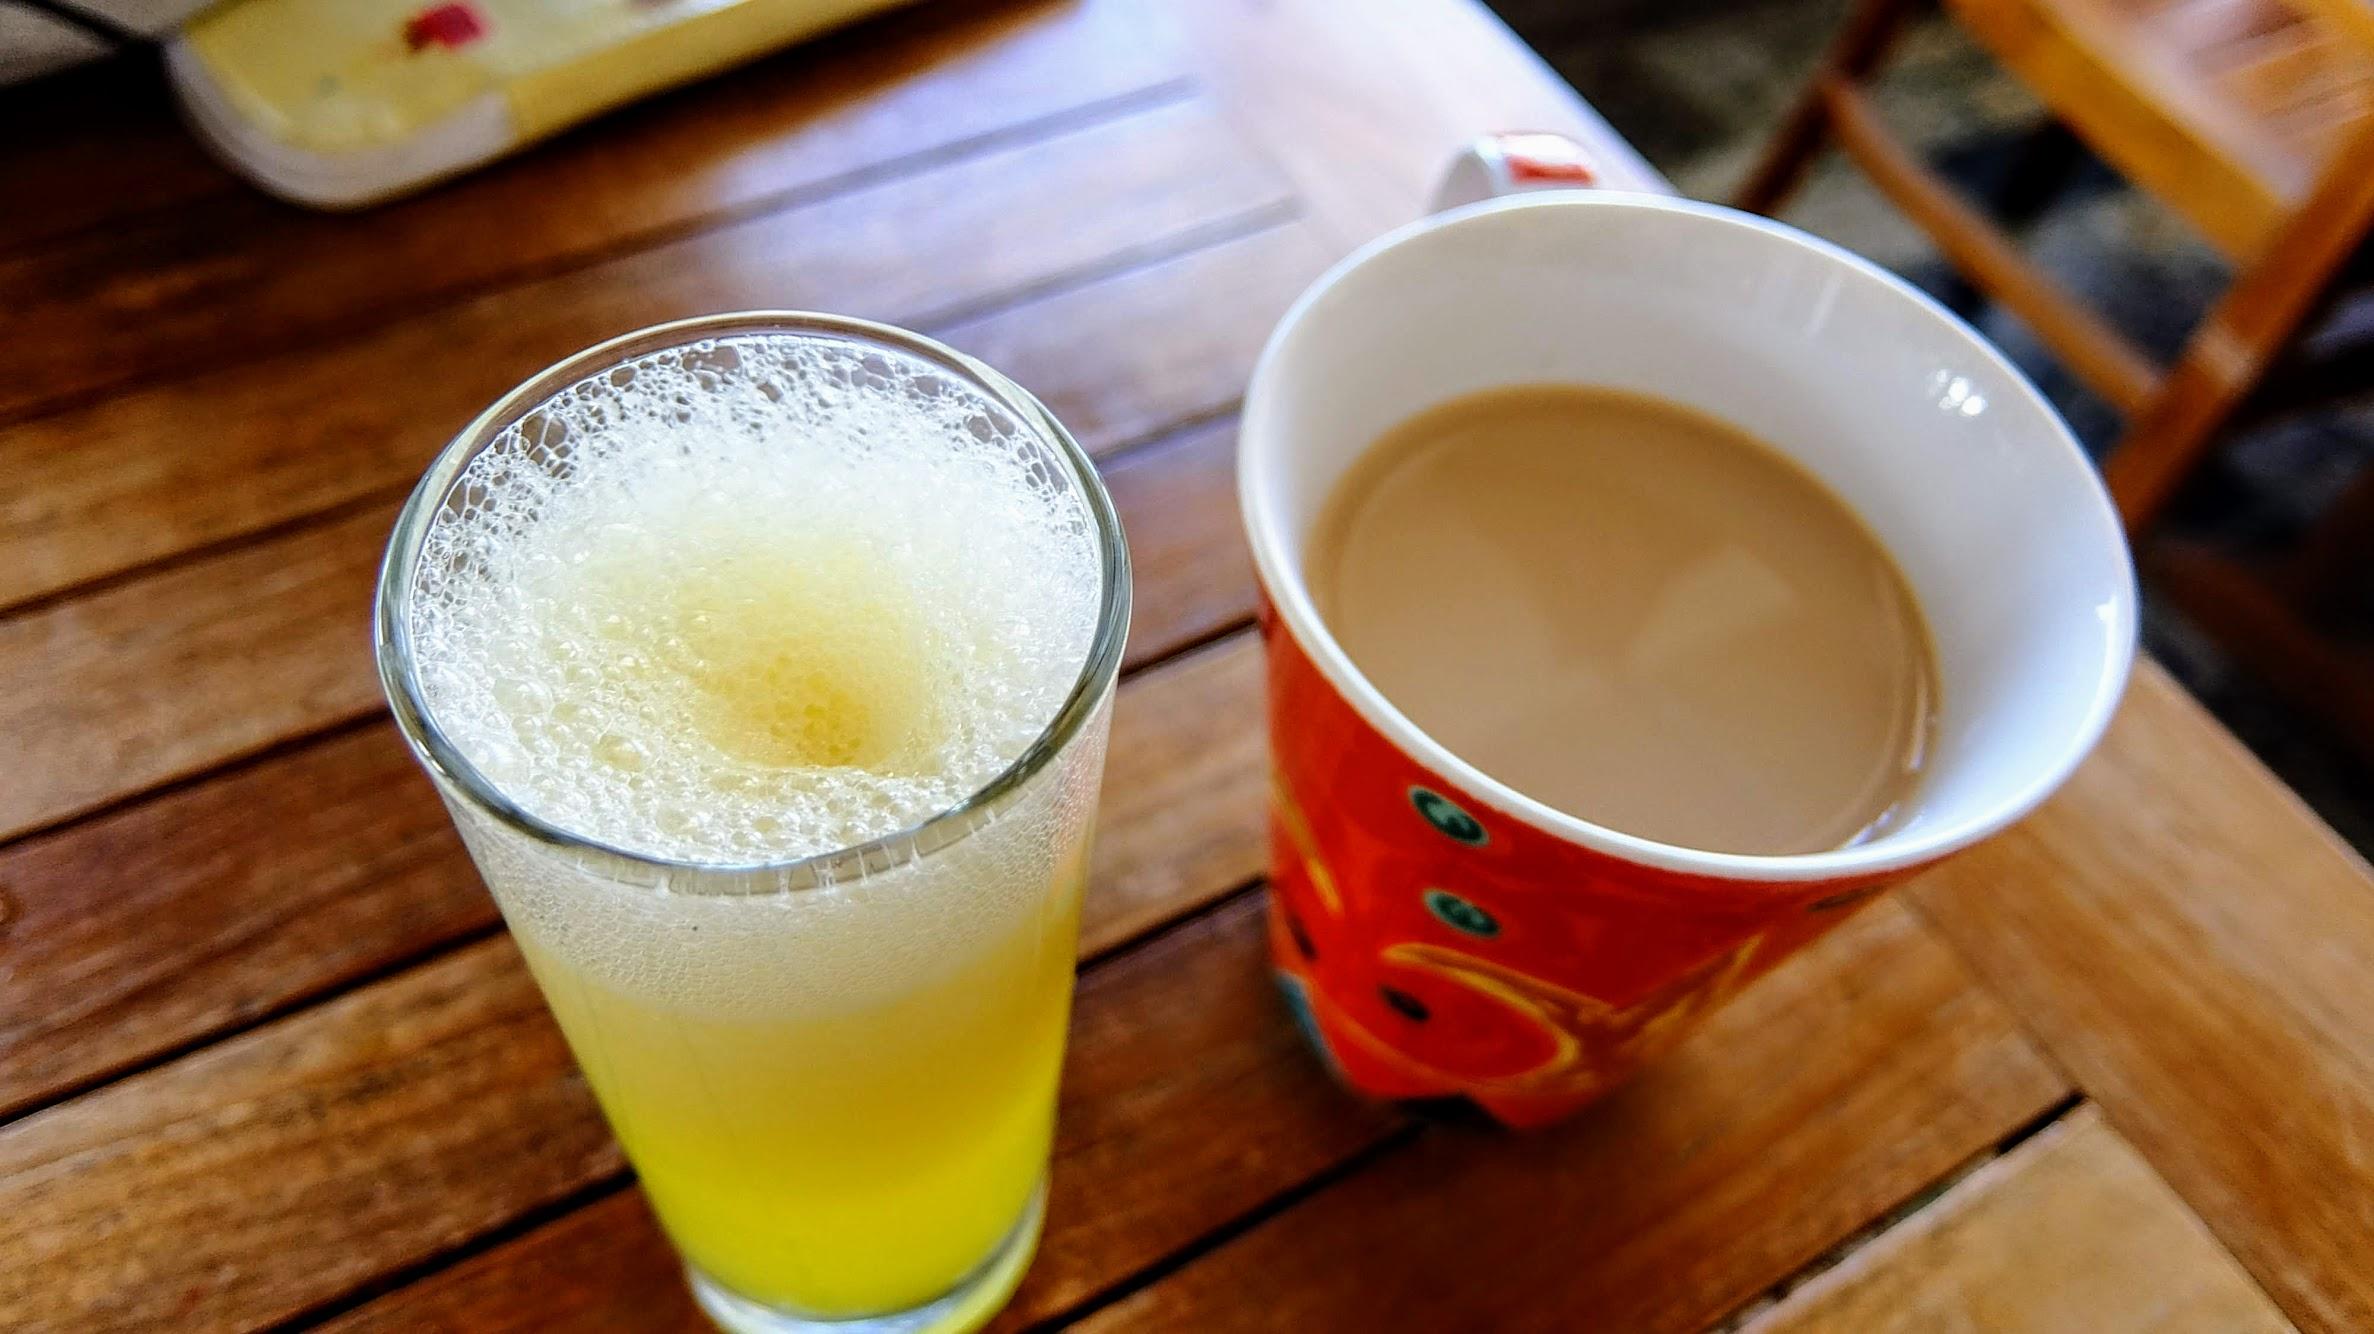 當然也有現打的果汁和咖啡..